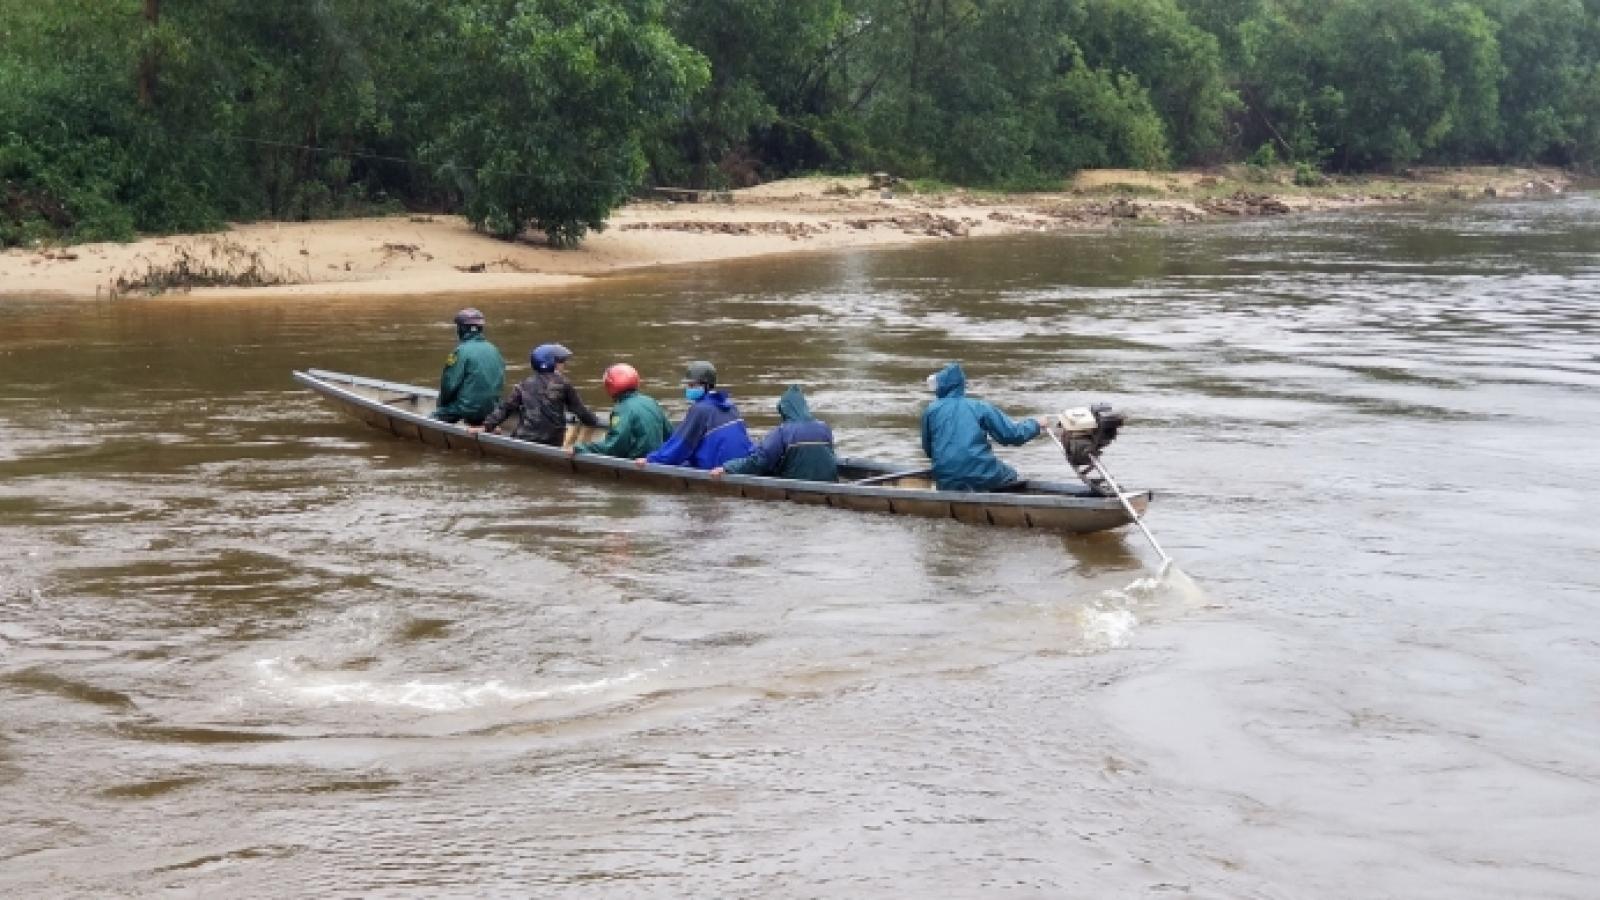 Đi xe máy rơi xuống sông, bố tử nạn, con trai 7 tuổi mất tích